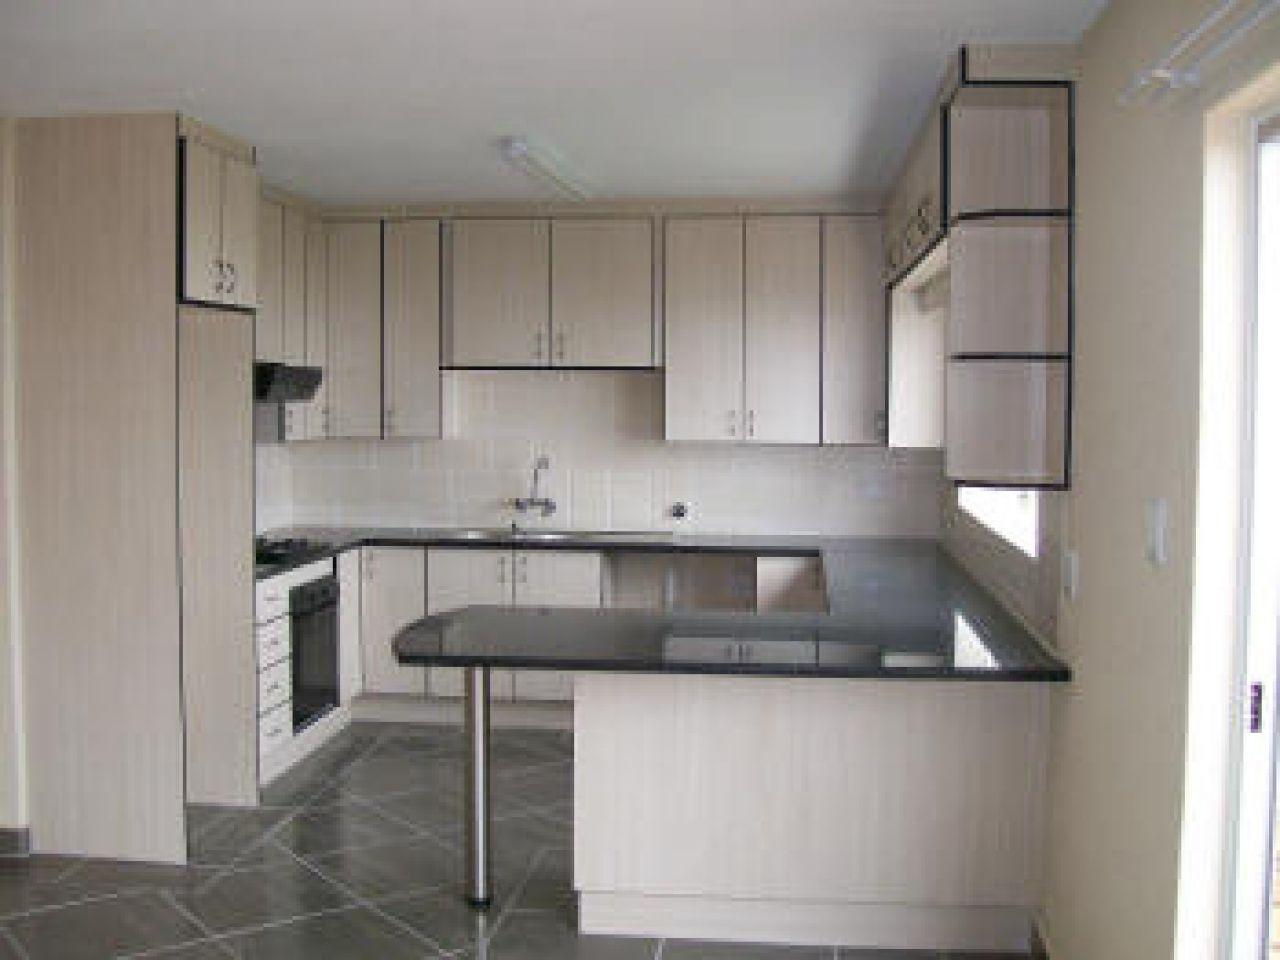 Mahogany Kitchen Built Kitchen Cupboards Best Schrank Design Layout Design Kuchenschranke Streichen